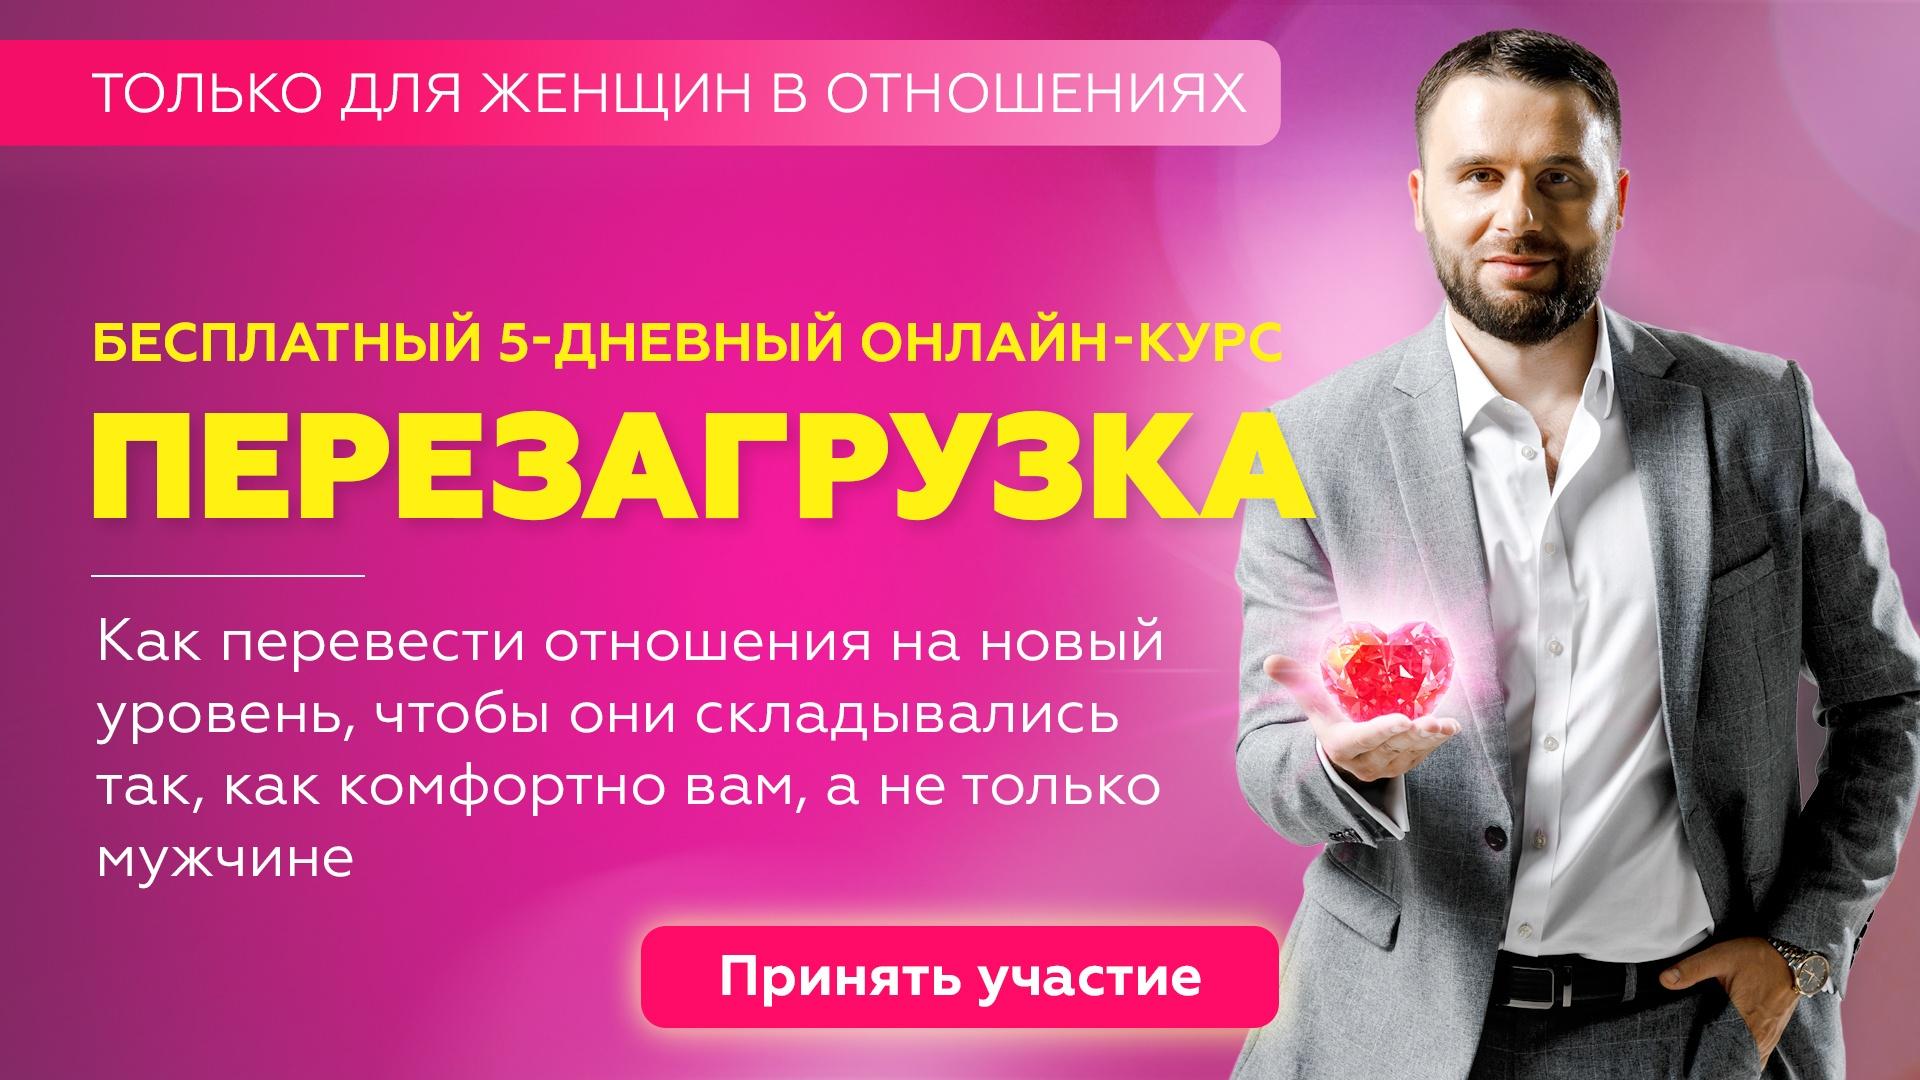 Филипп Литвиненко Перезагрузка отношений курс